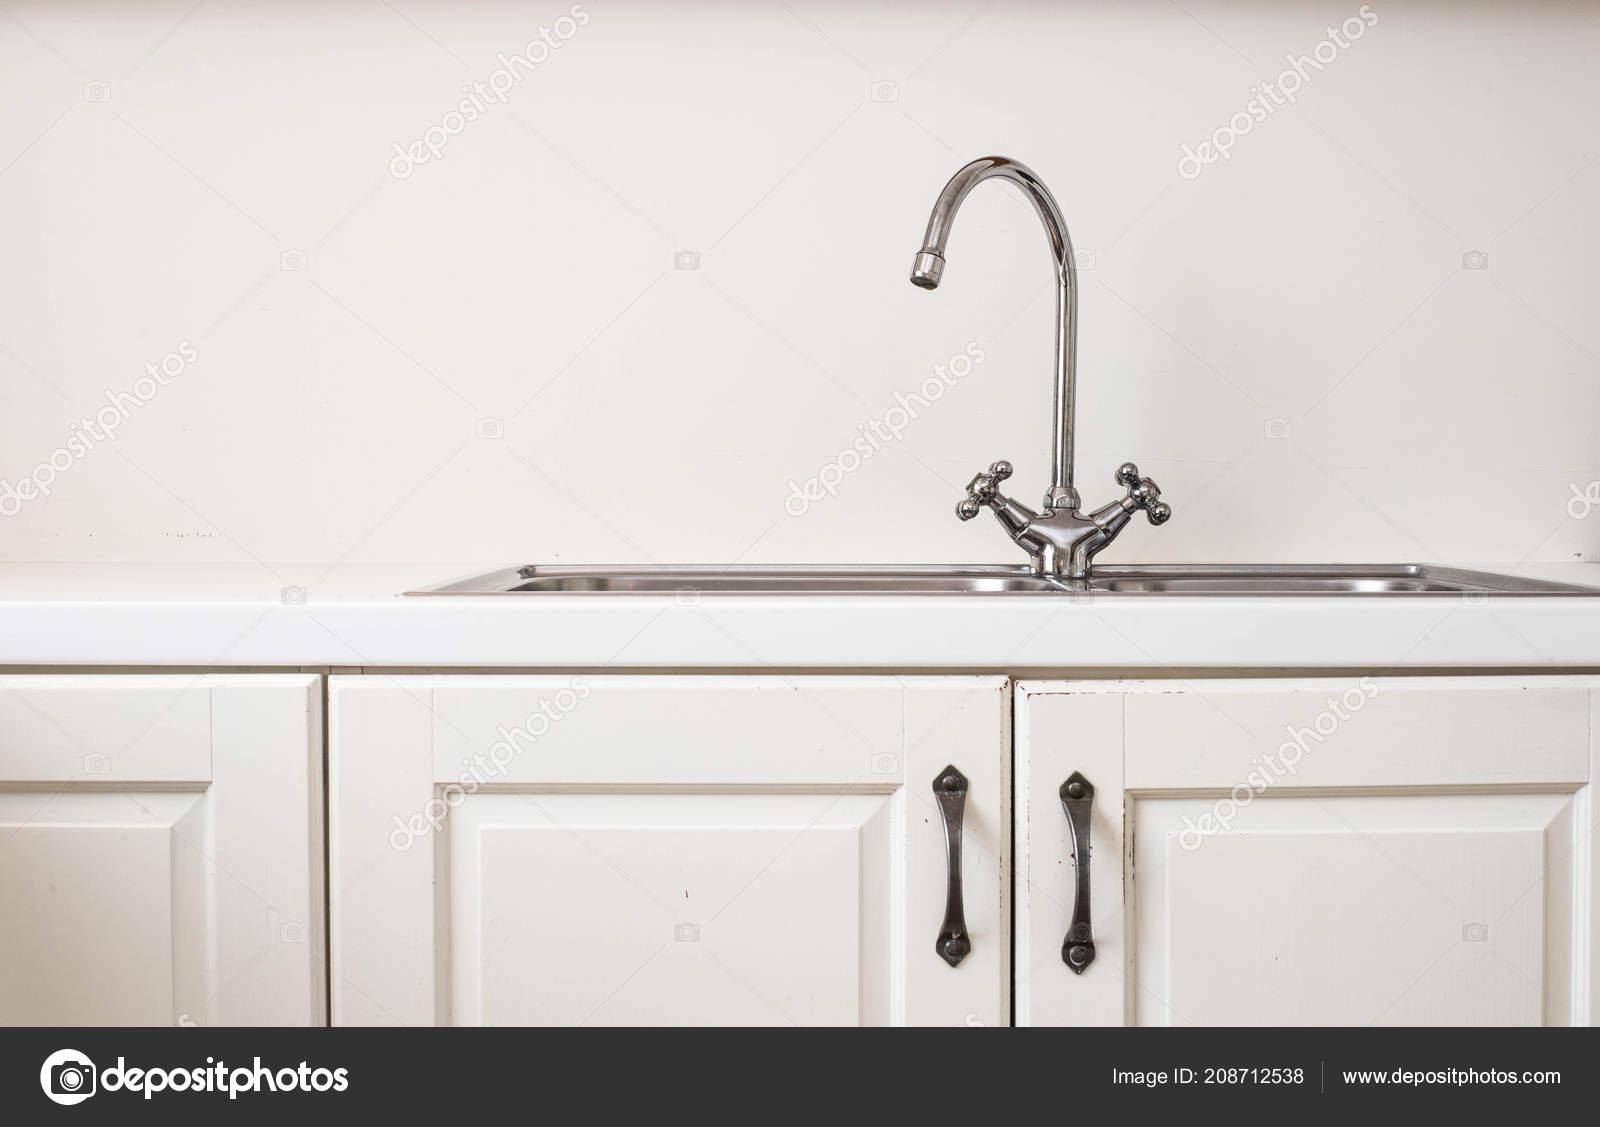 Retro Design Keuken : Moderne witte keuken met houten accenten en ijzer wastafel close